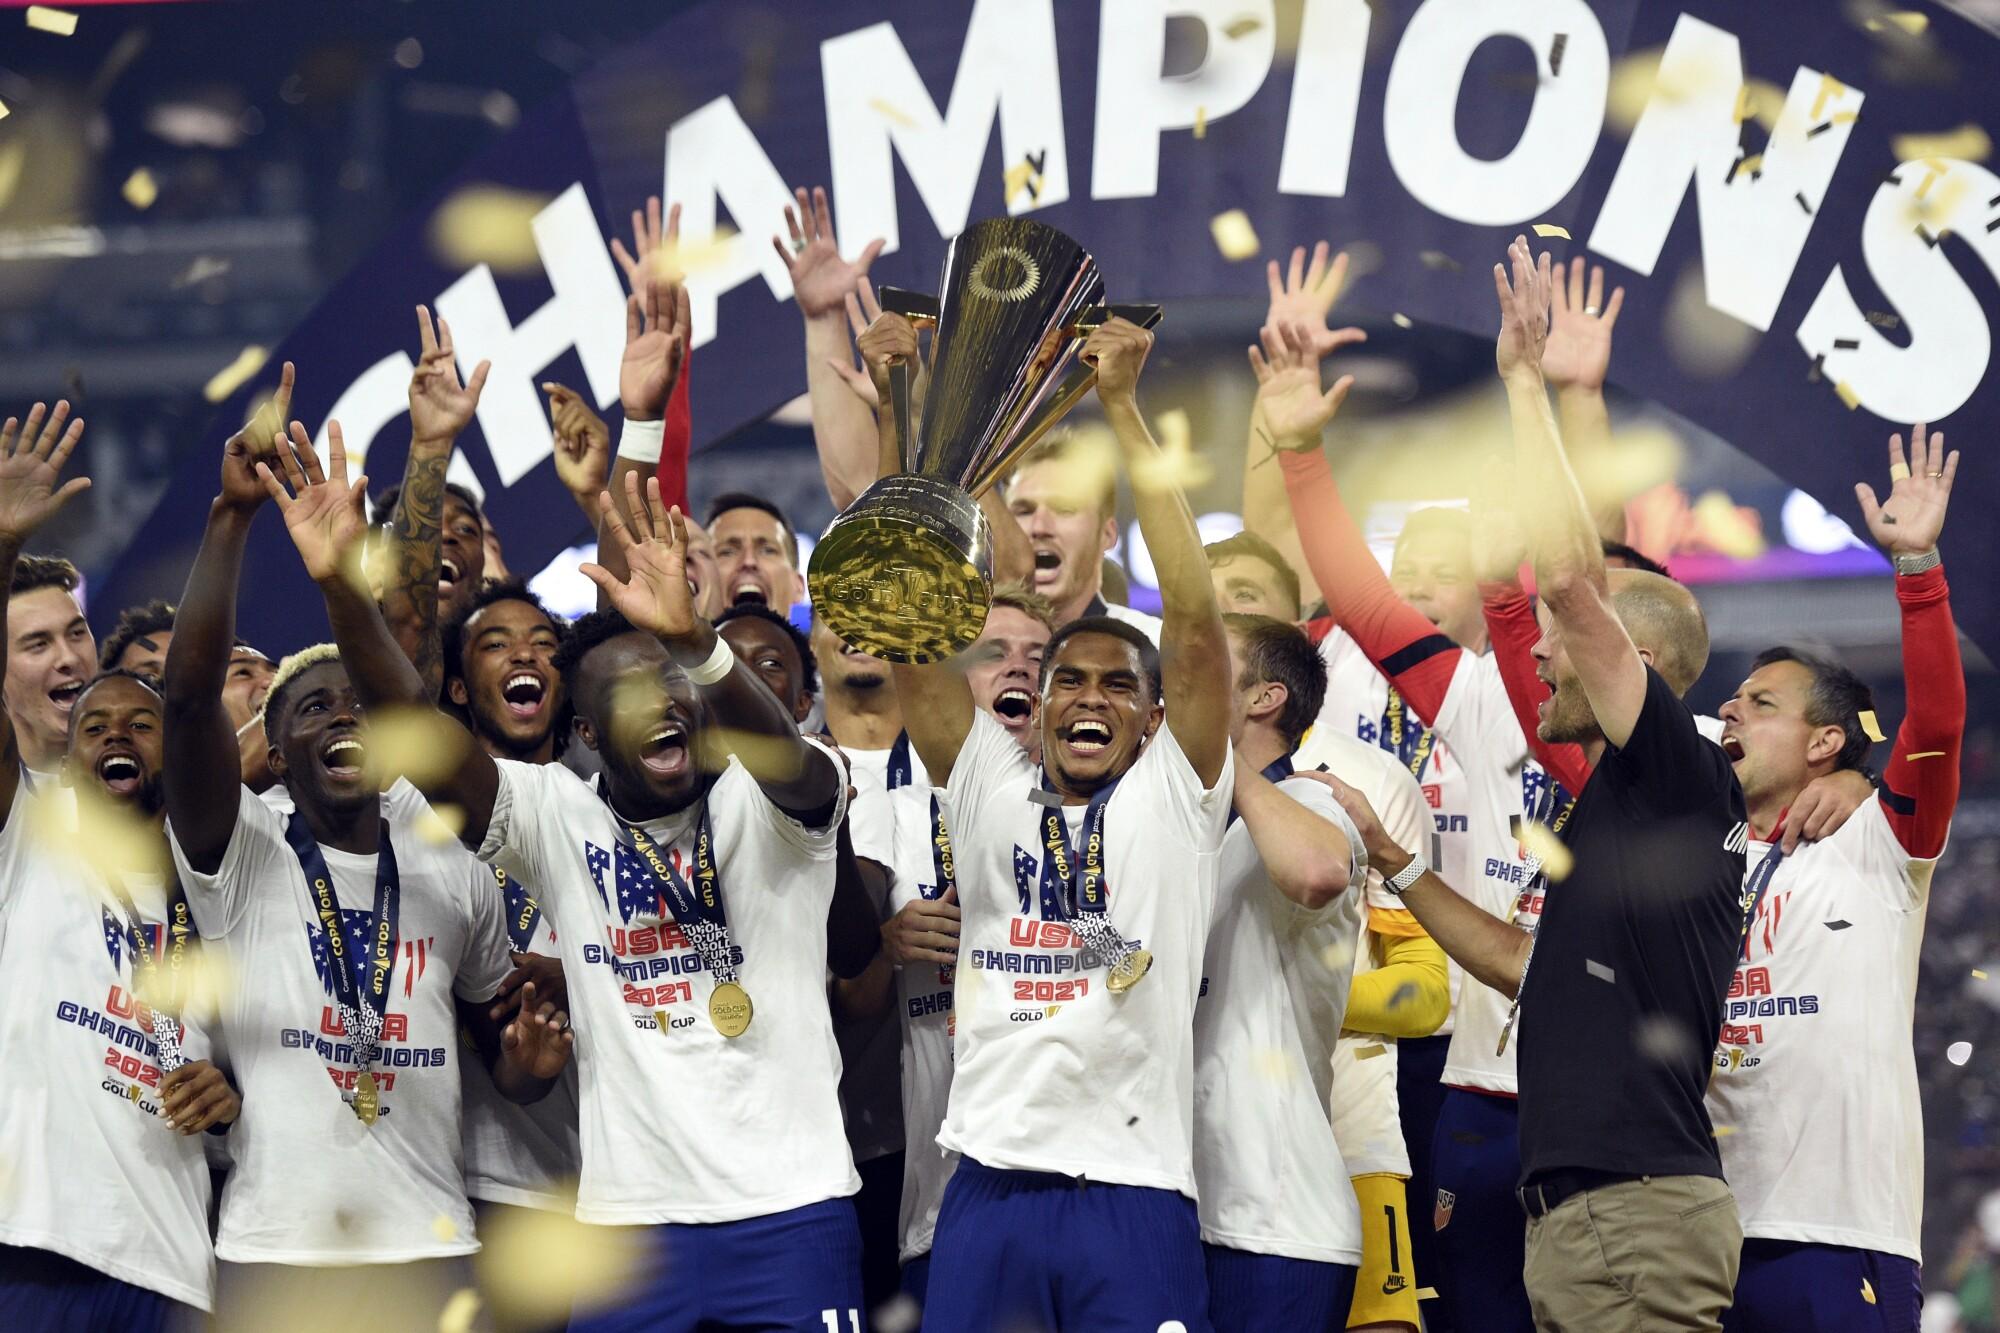 Estados Unidos es campeón de la Copa Oro! Derrota a México con gol agónico  en Tiempos Extras - Los Angeles Times